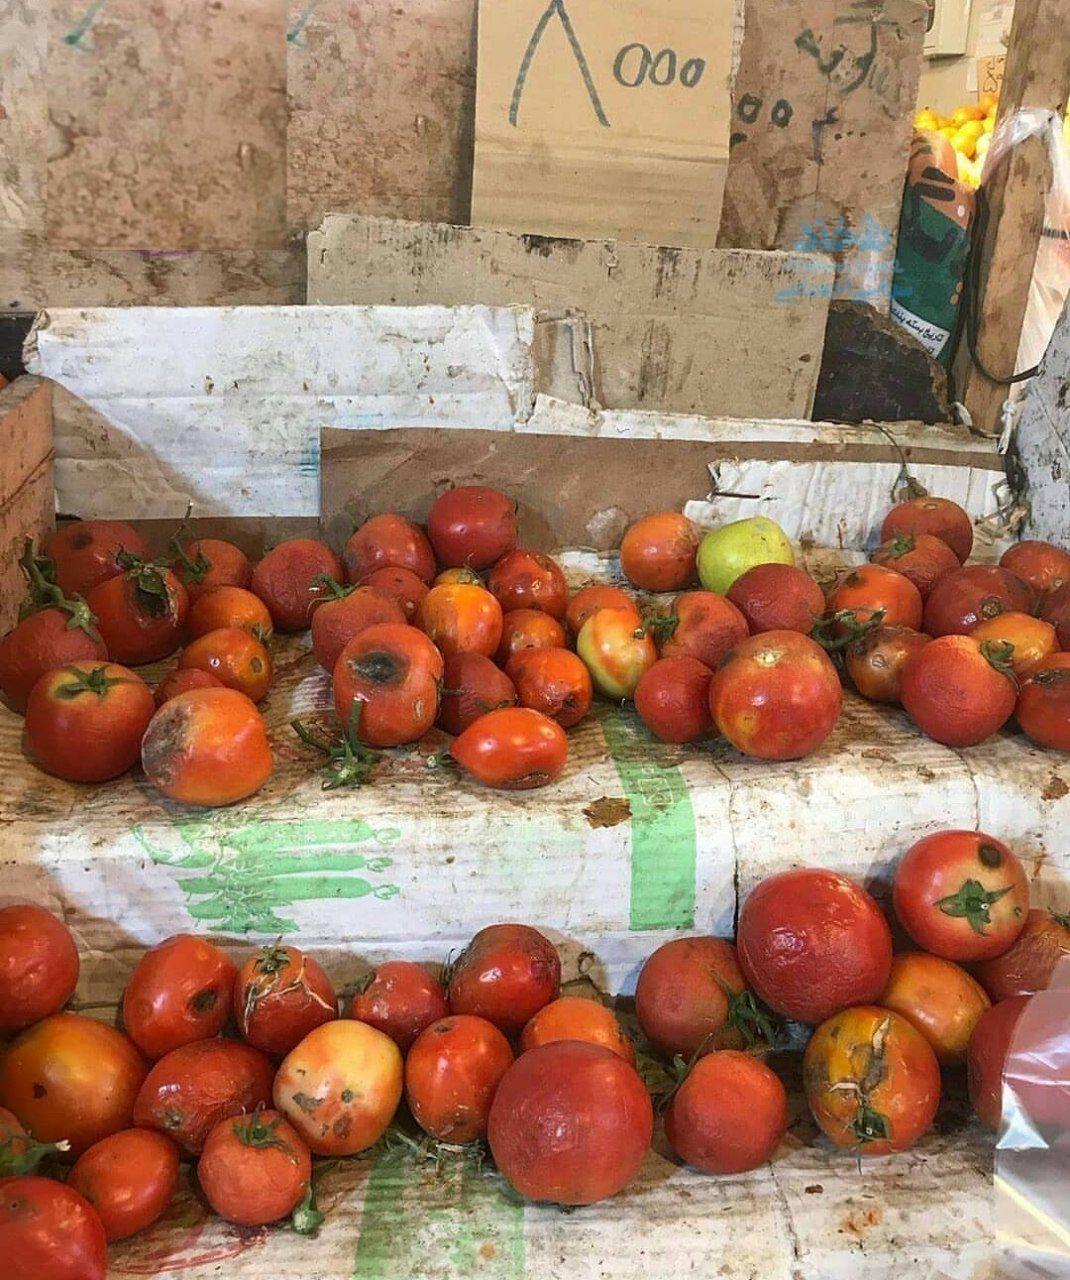 گوجه گندیده کیلویی ۸ هزار تومان+ عکس